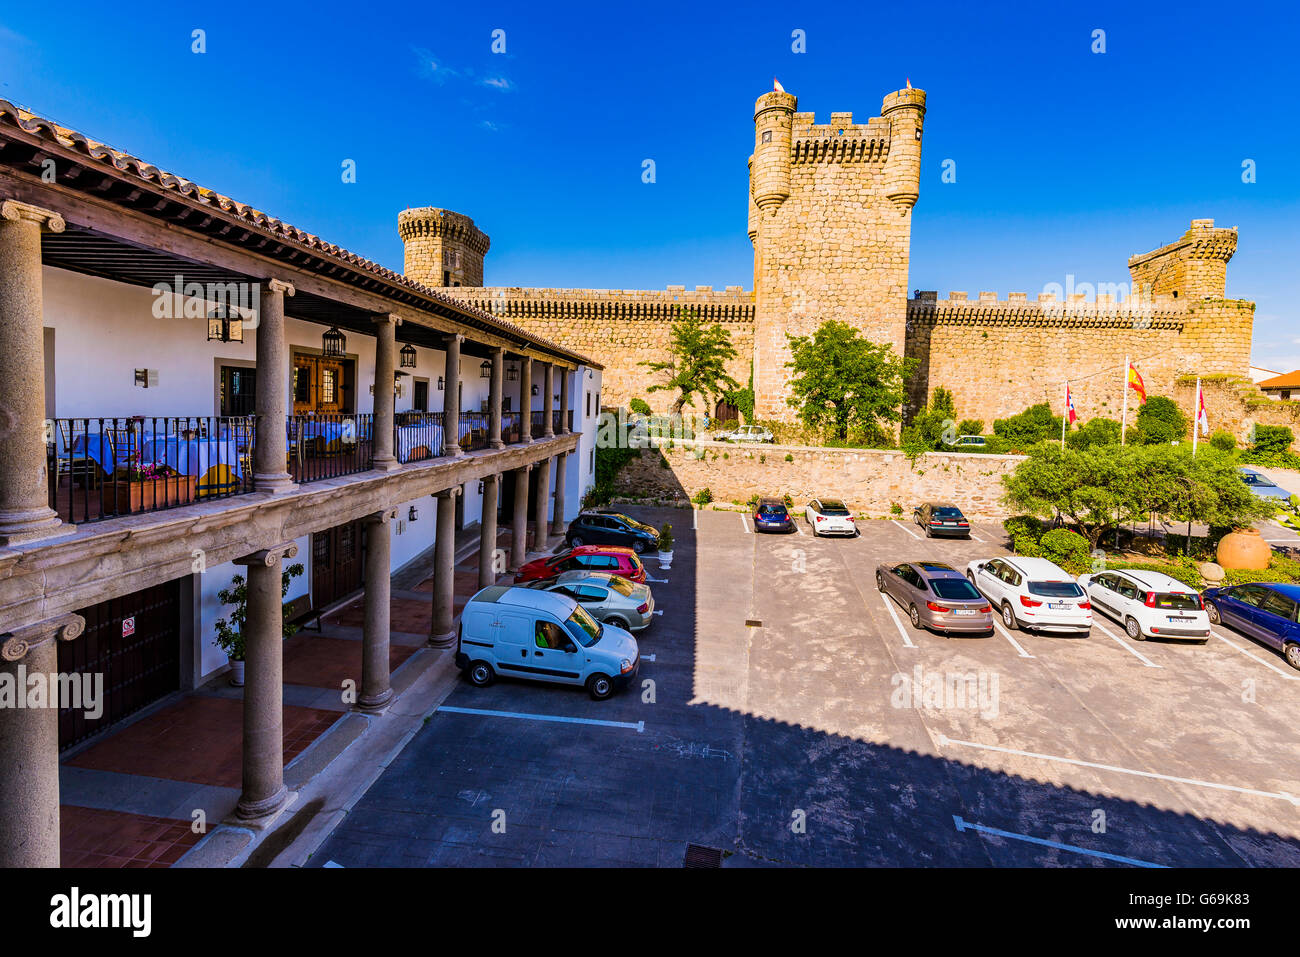 Parador Nacional de Turismo e castello di Oropesa Toledo, Castilla la Mancha, in Spagna, Europa Foto Stock